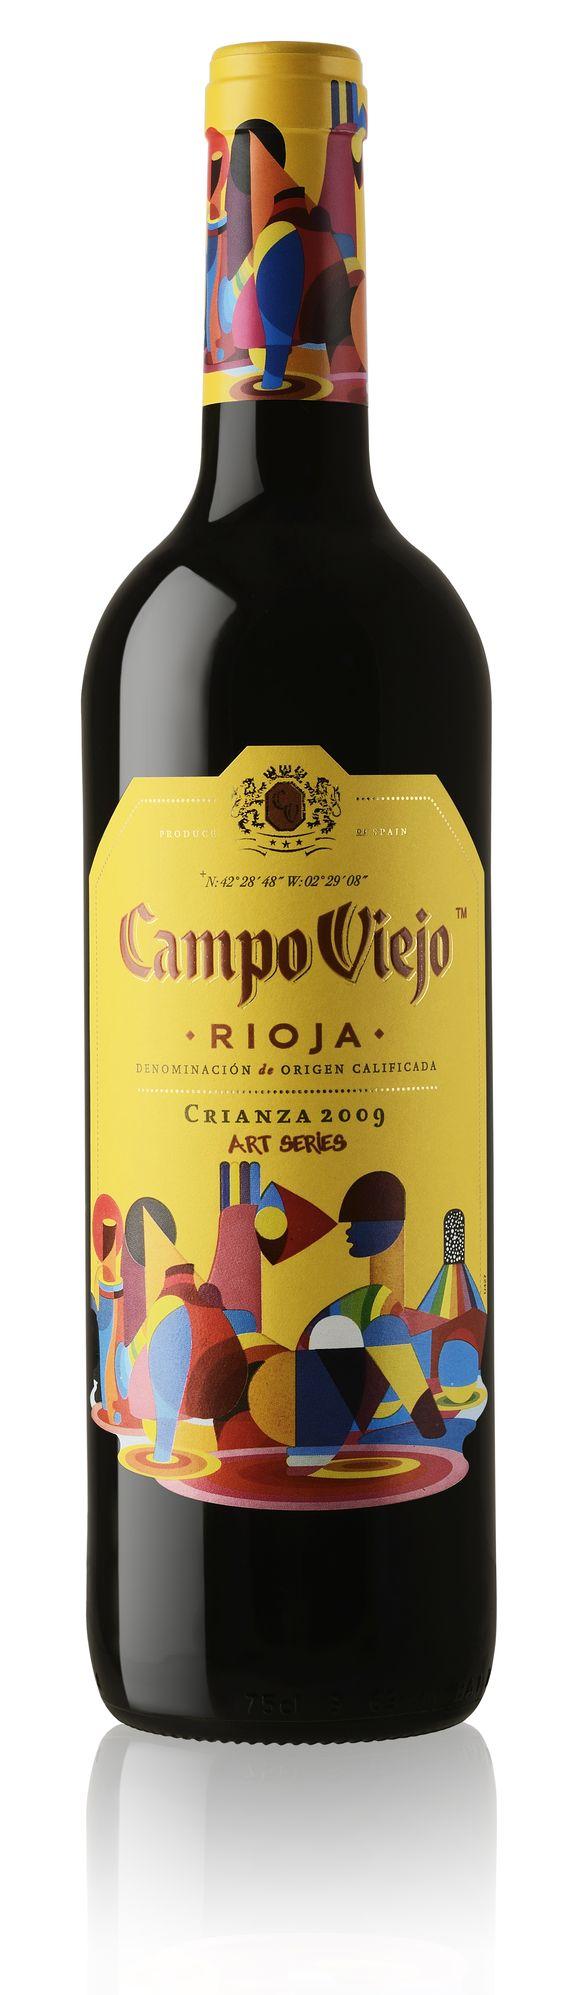 Campo Viejo wine label